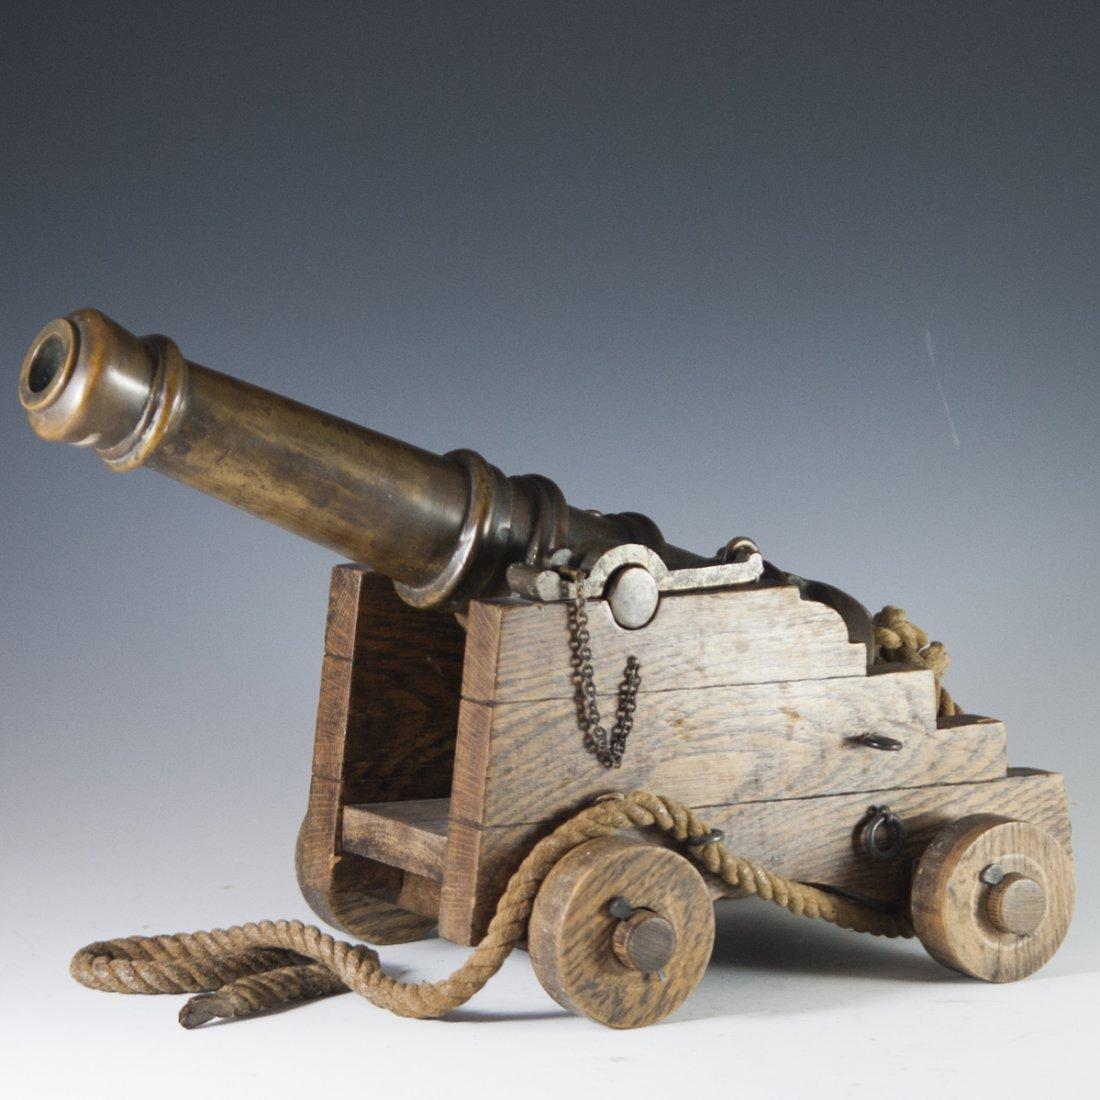 Antique Wooden & Bronze Cannon